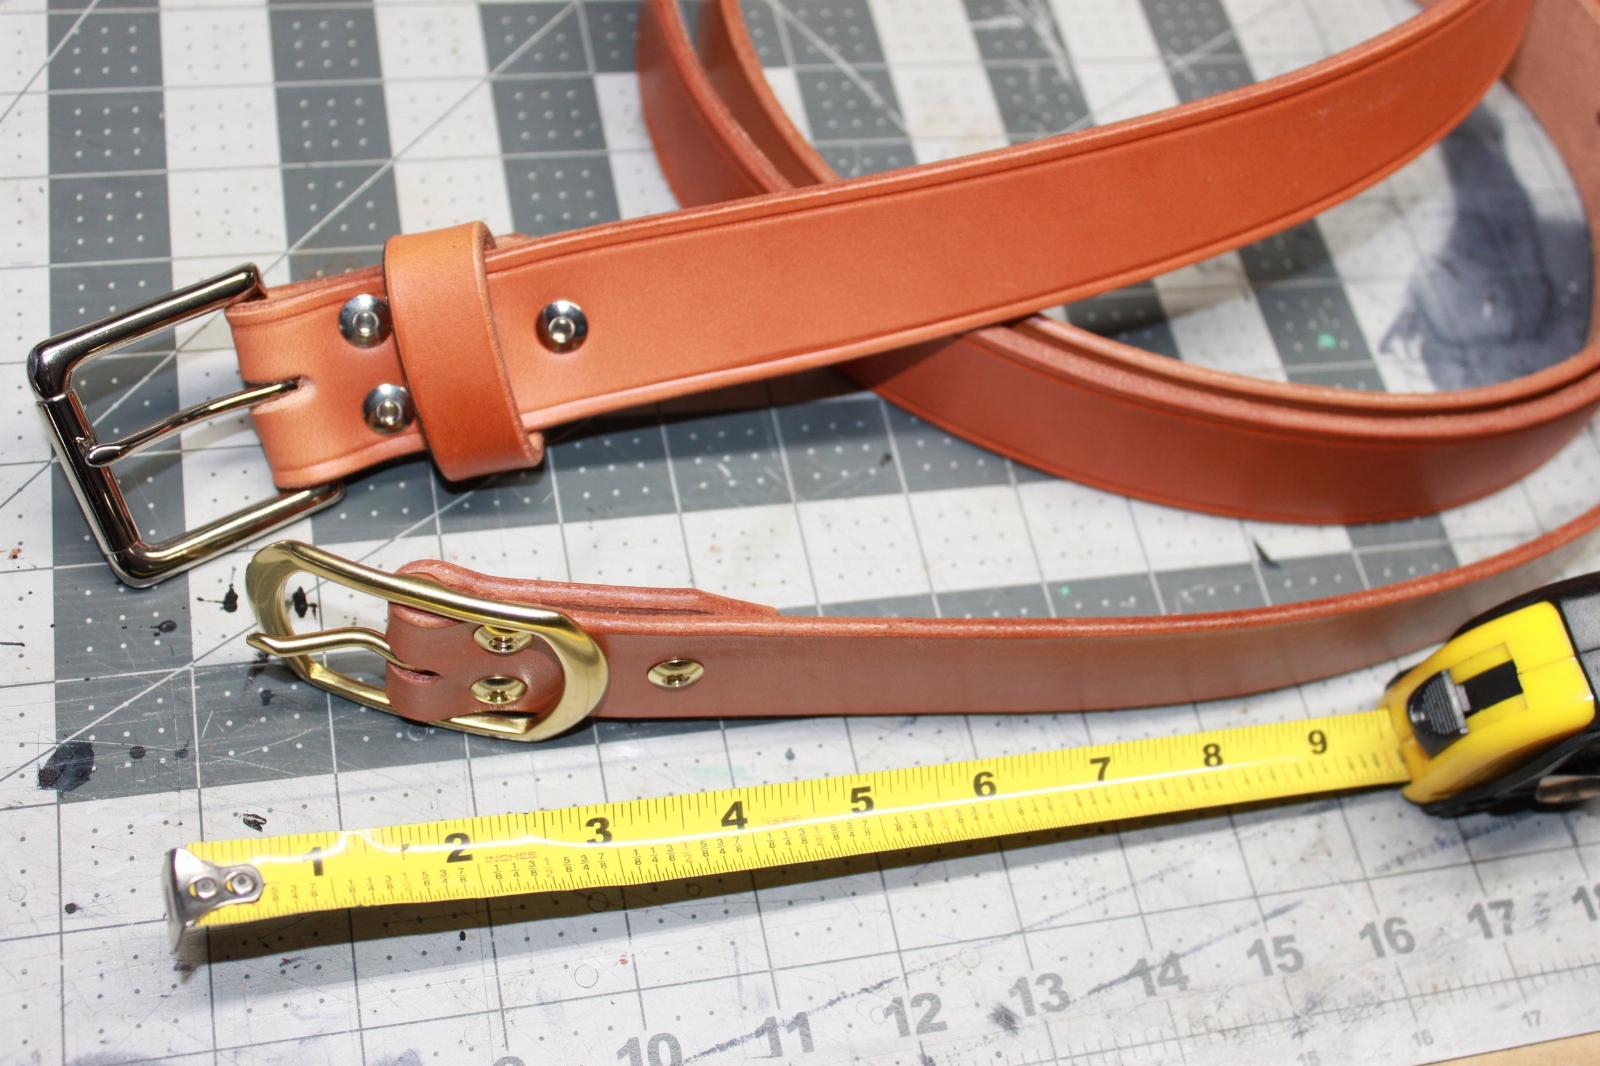 Measuring for correct belt size